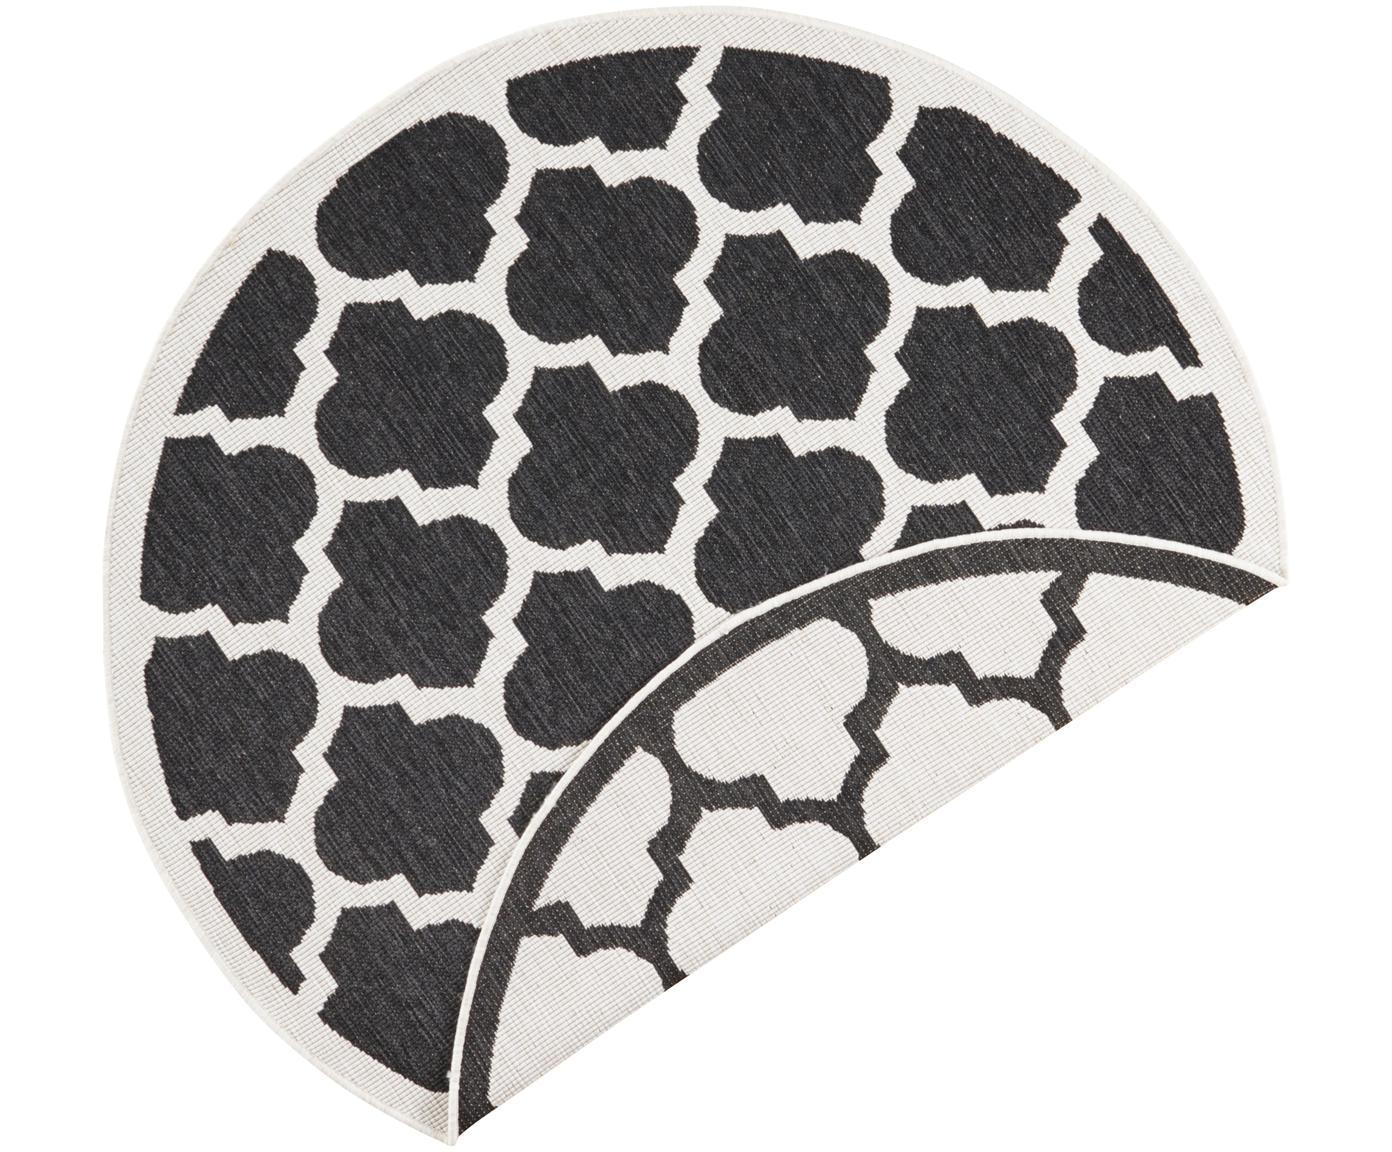 Okrągły dwustronny dywan wewnętrzny/zewnętrzny Palermo, Czarny, kremowy, Ø 140 cm (Rozmiar M)